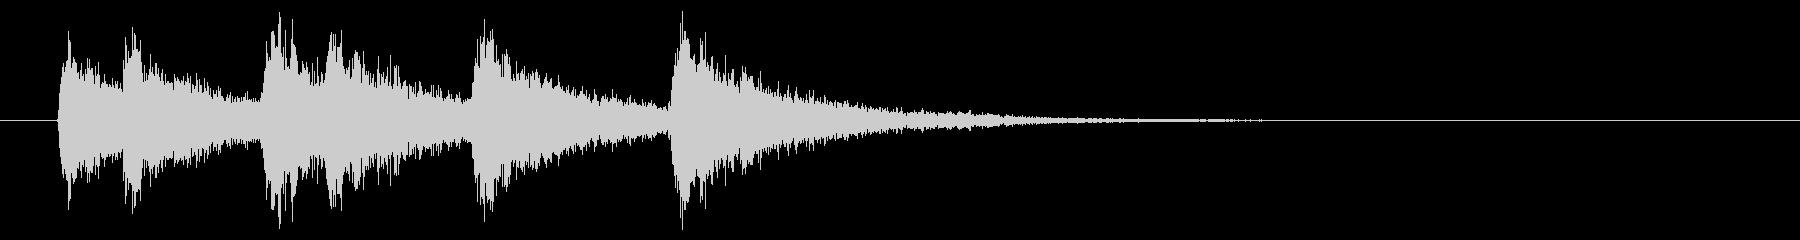 シンプルなオケヒのジングルの未再生の波形